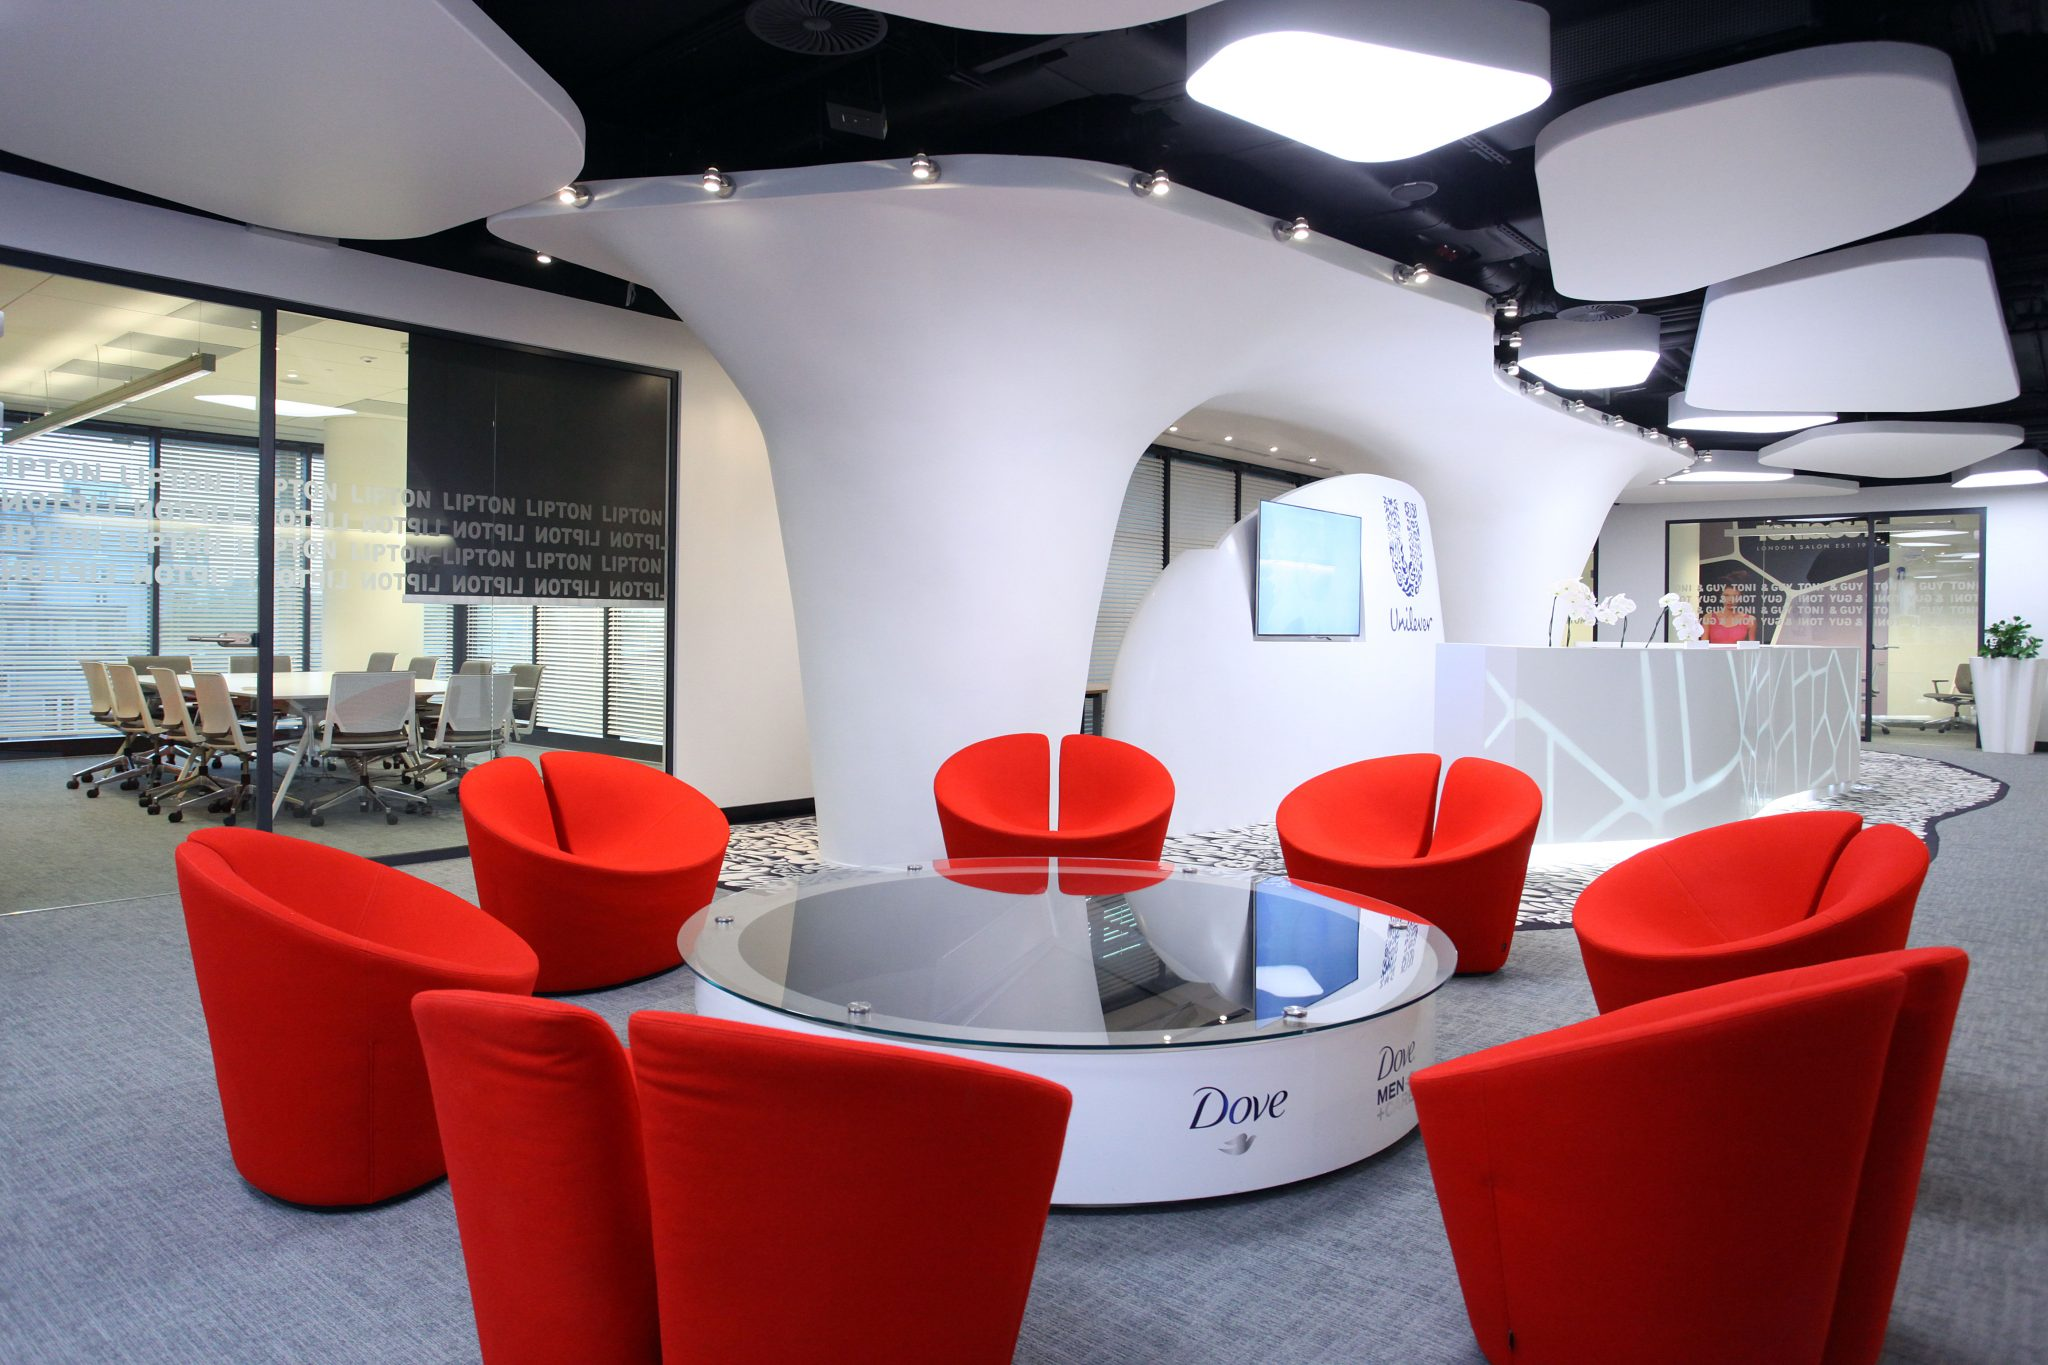 Unilever recepcja_biuro_glowne wywiad dla SEKA SA bhp